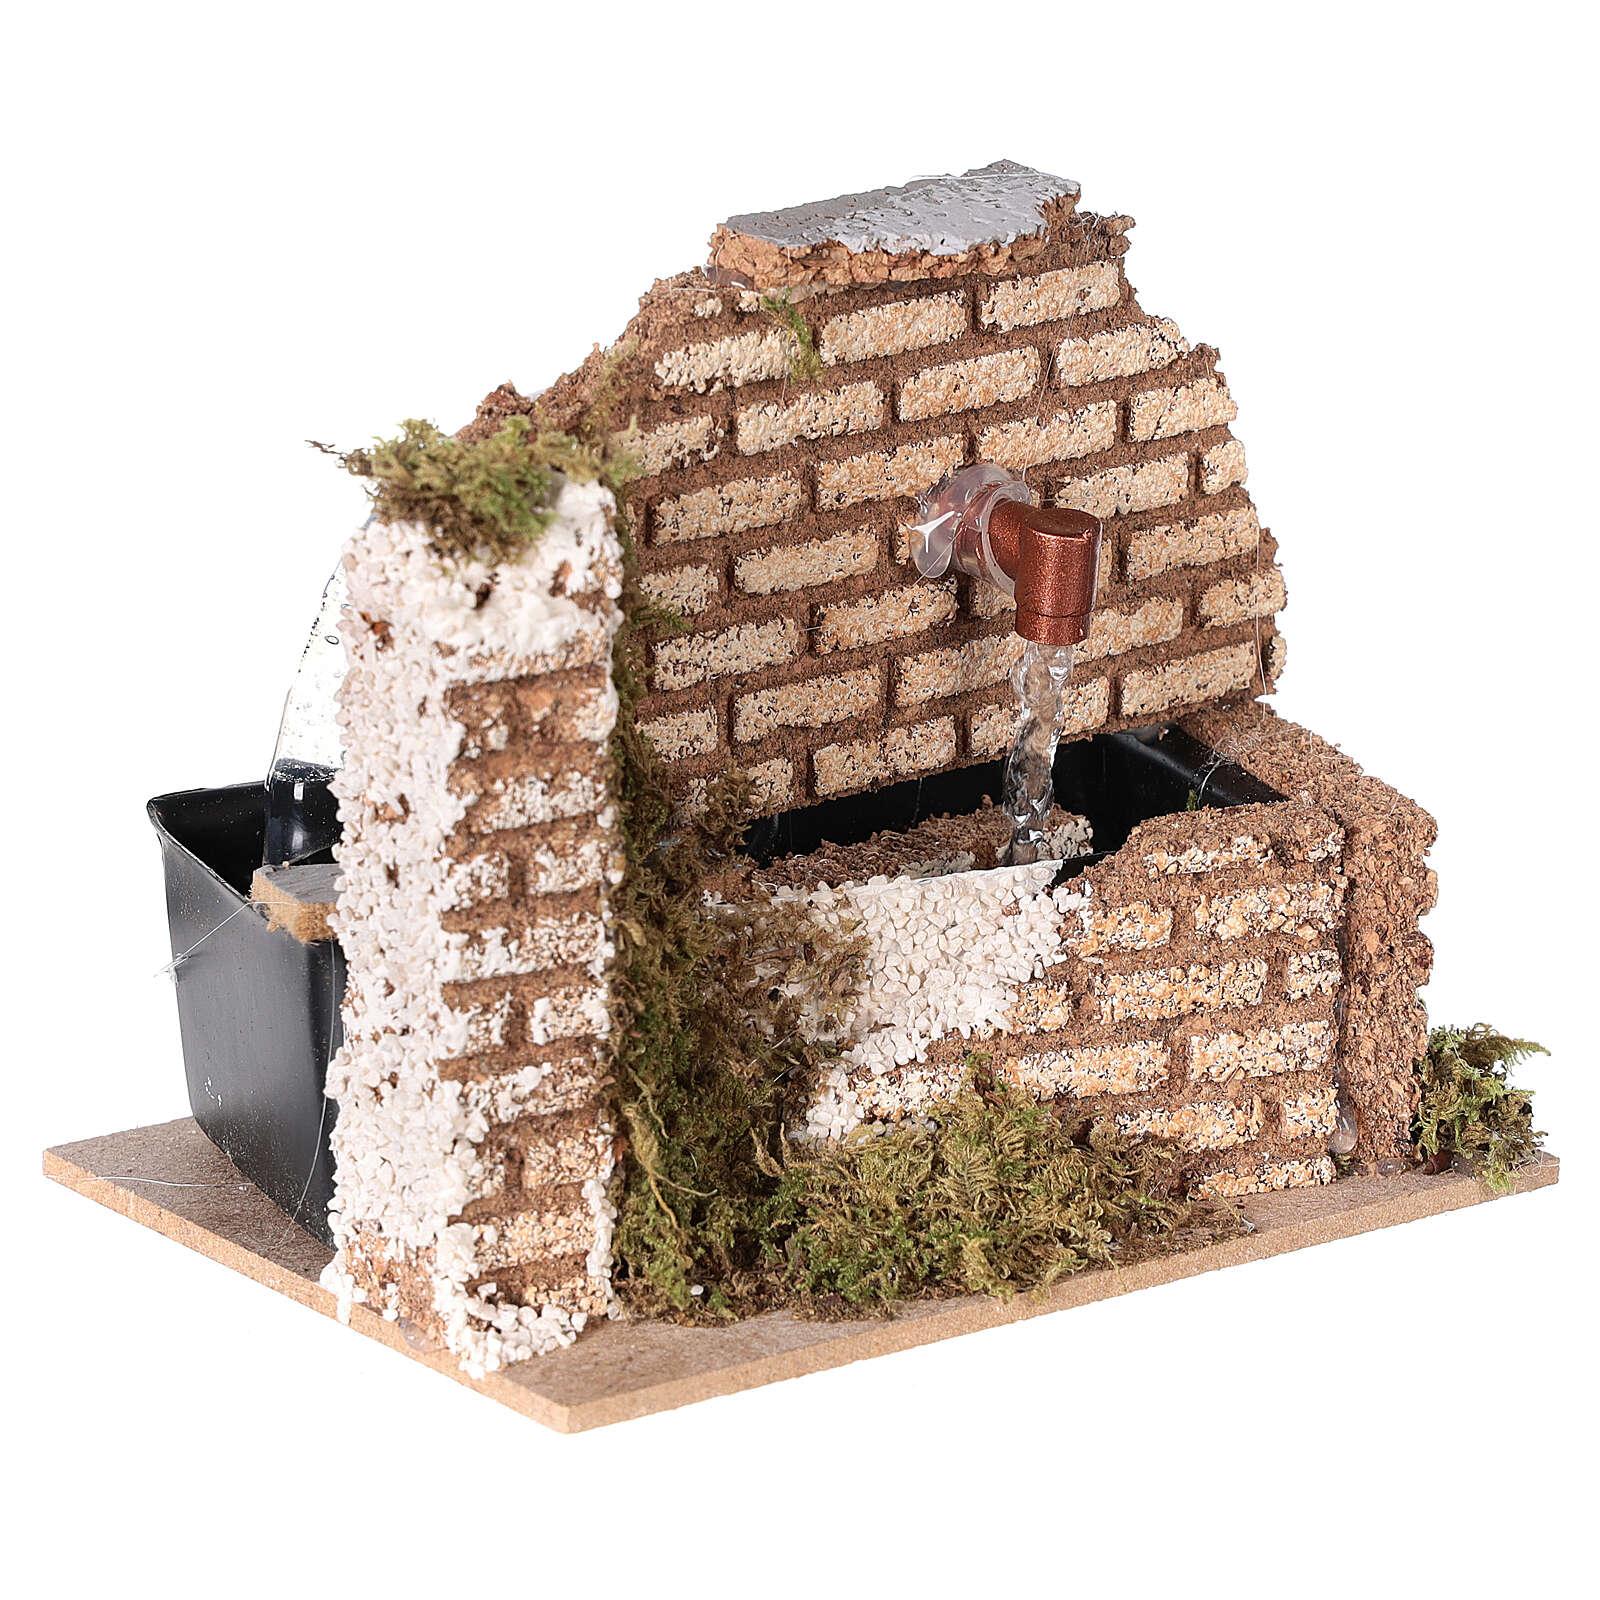 Fontaine liège en maçonnerie crèche 8-10 cm 10x15x10 cm 4